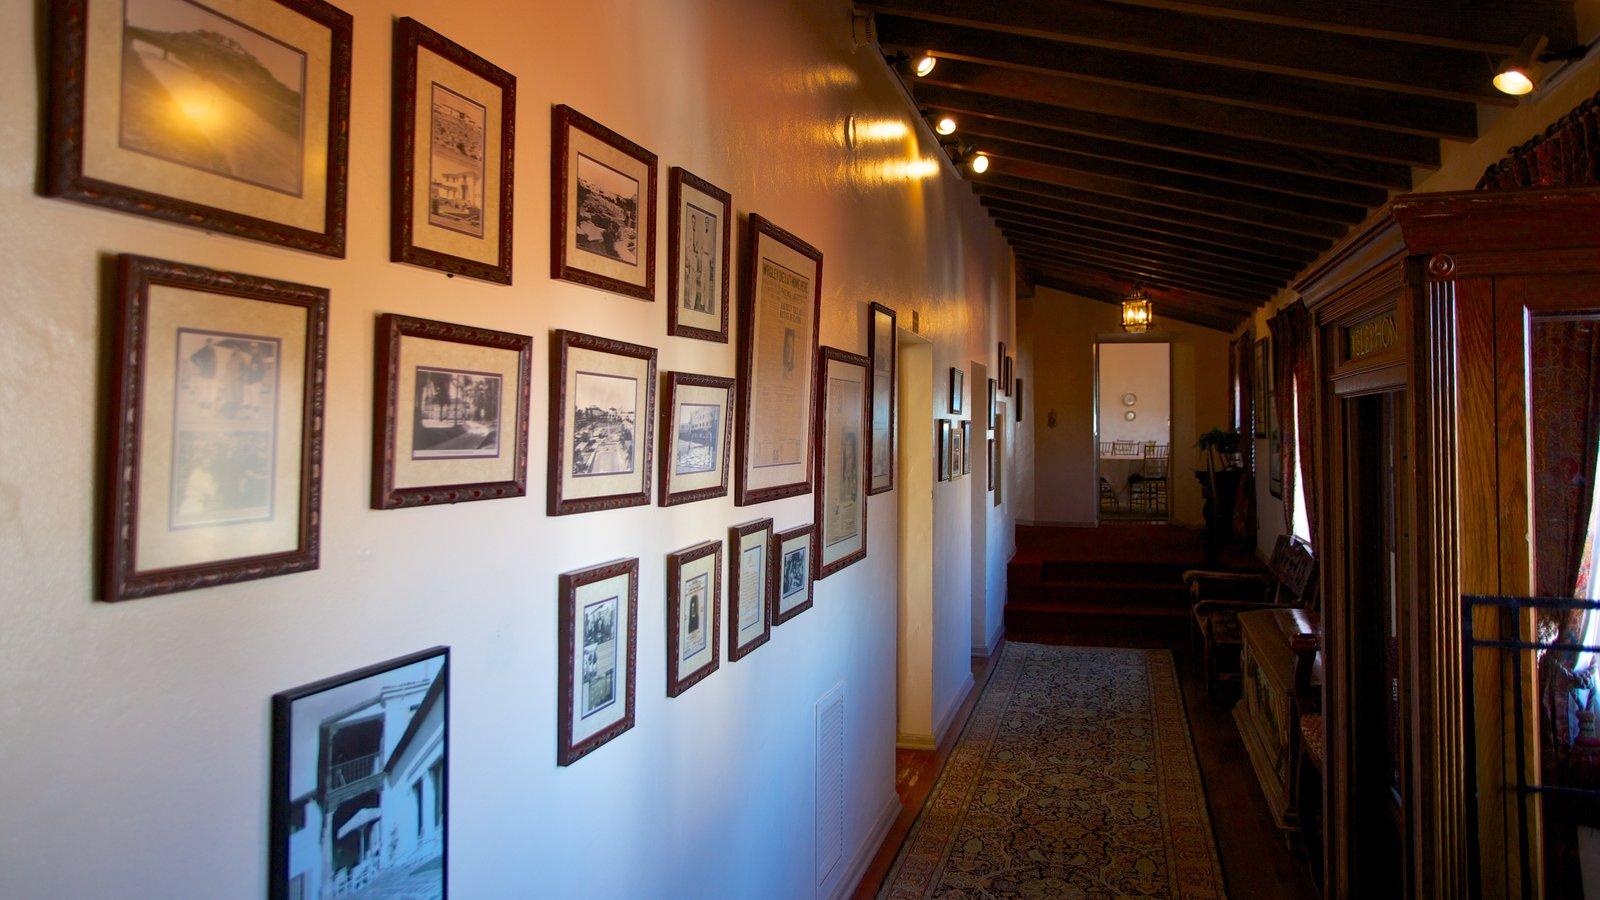 Wrigley Mansion ofreciendo vistas interiores y arte